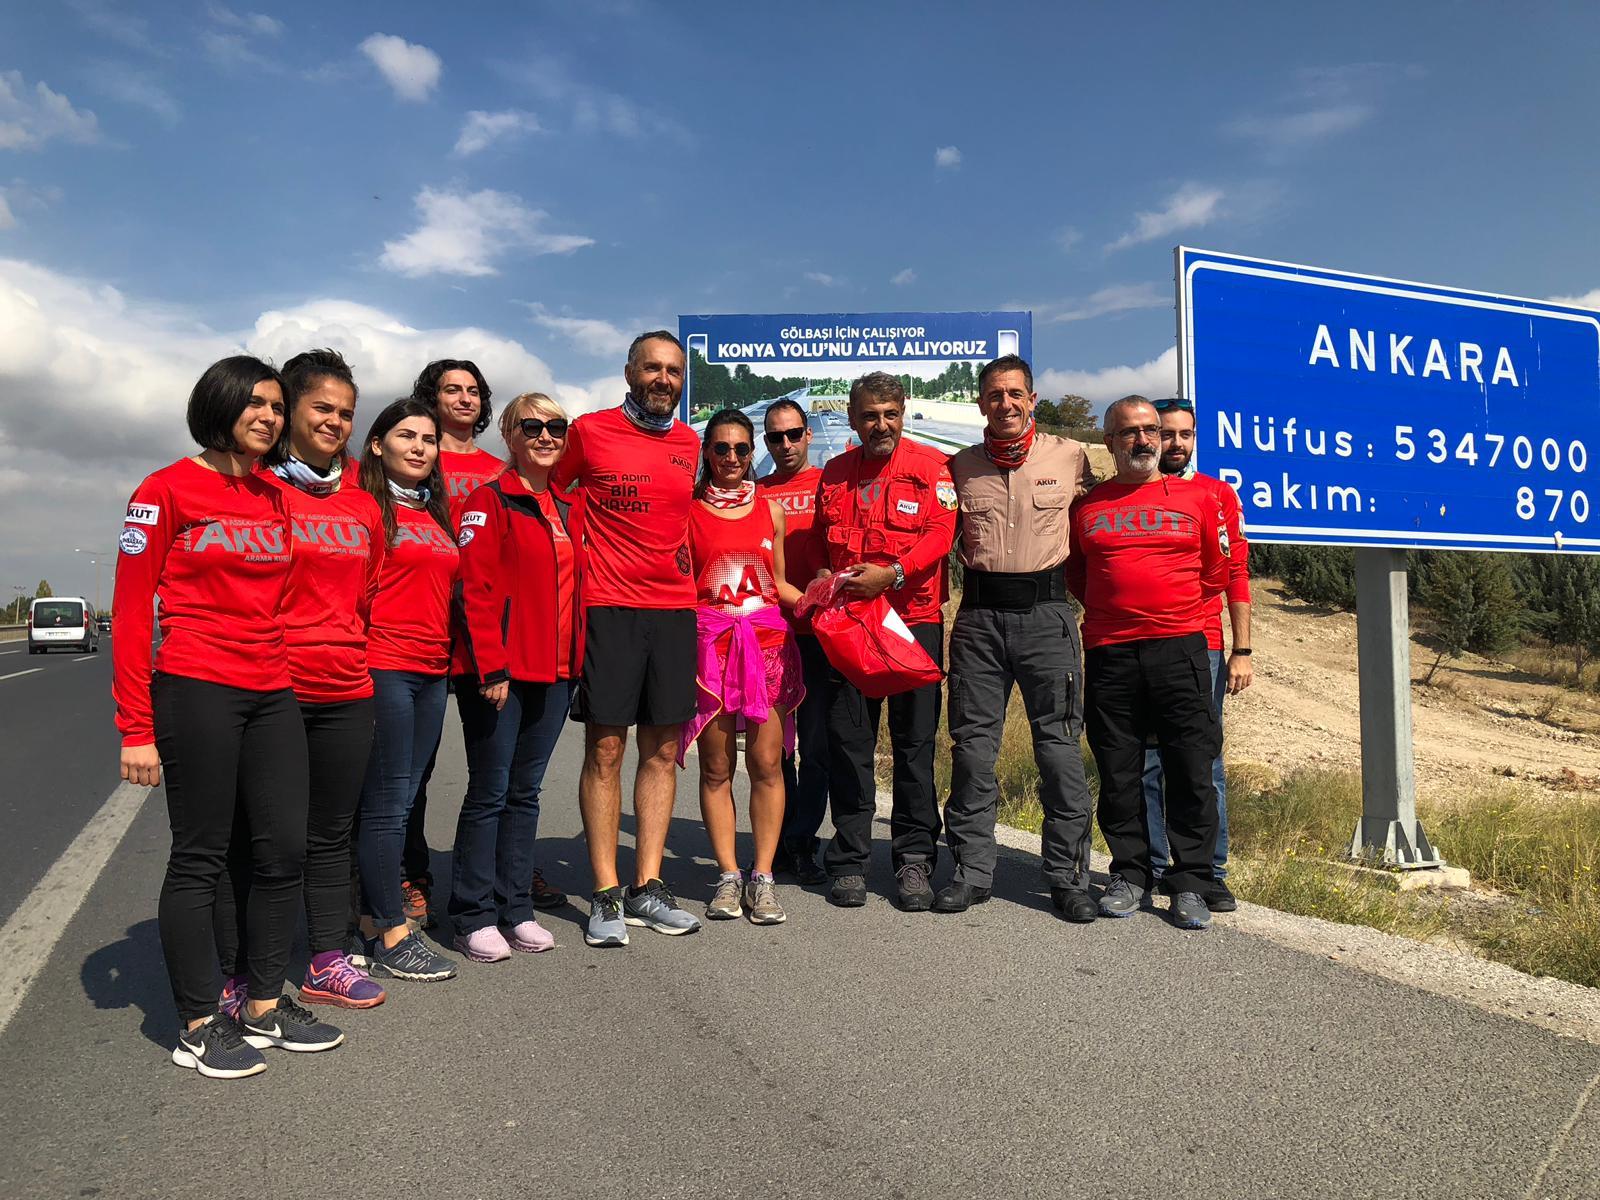 İyilik Peşinde koşusu 41. gününde Ankara'da